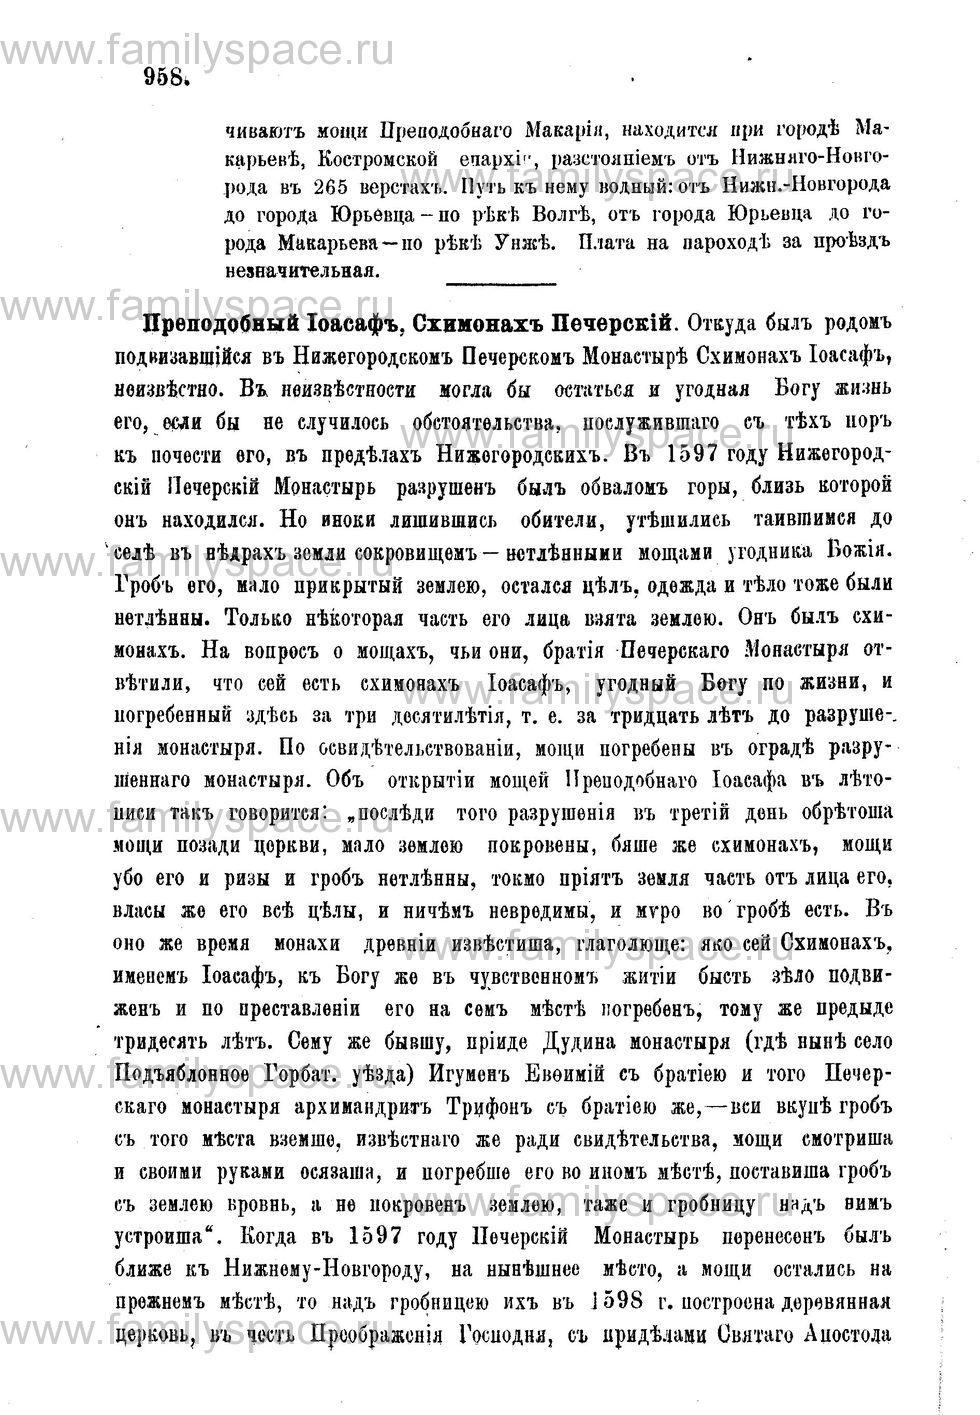 Поиск по фамилии - Адрес-календарь Нижегородской епархии на 1888 год, страница 1958